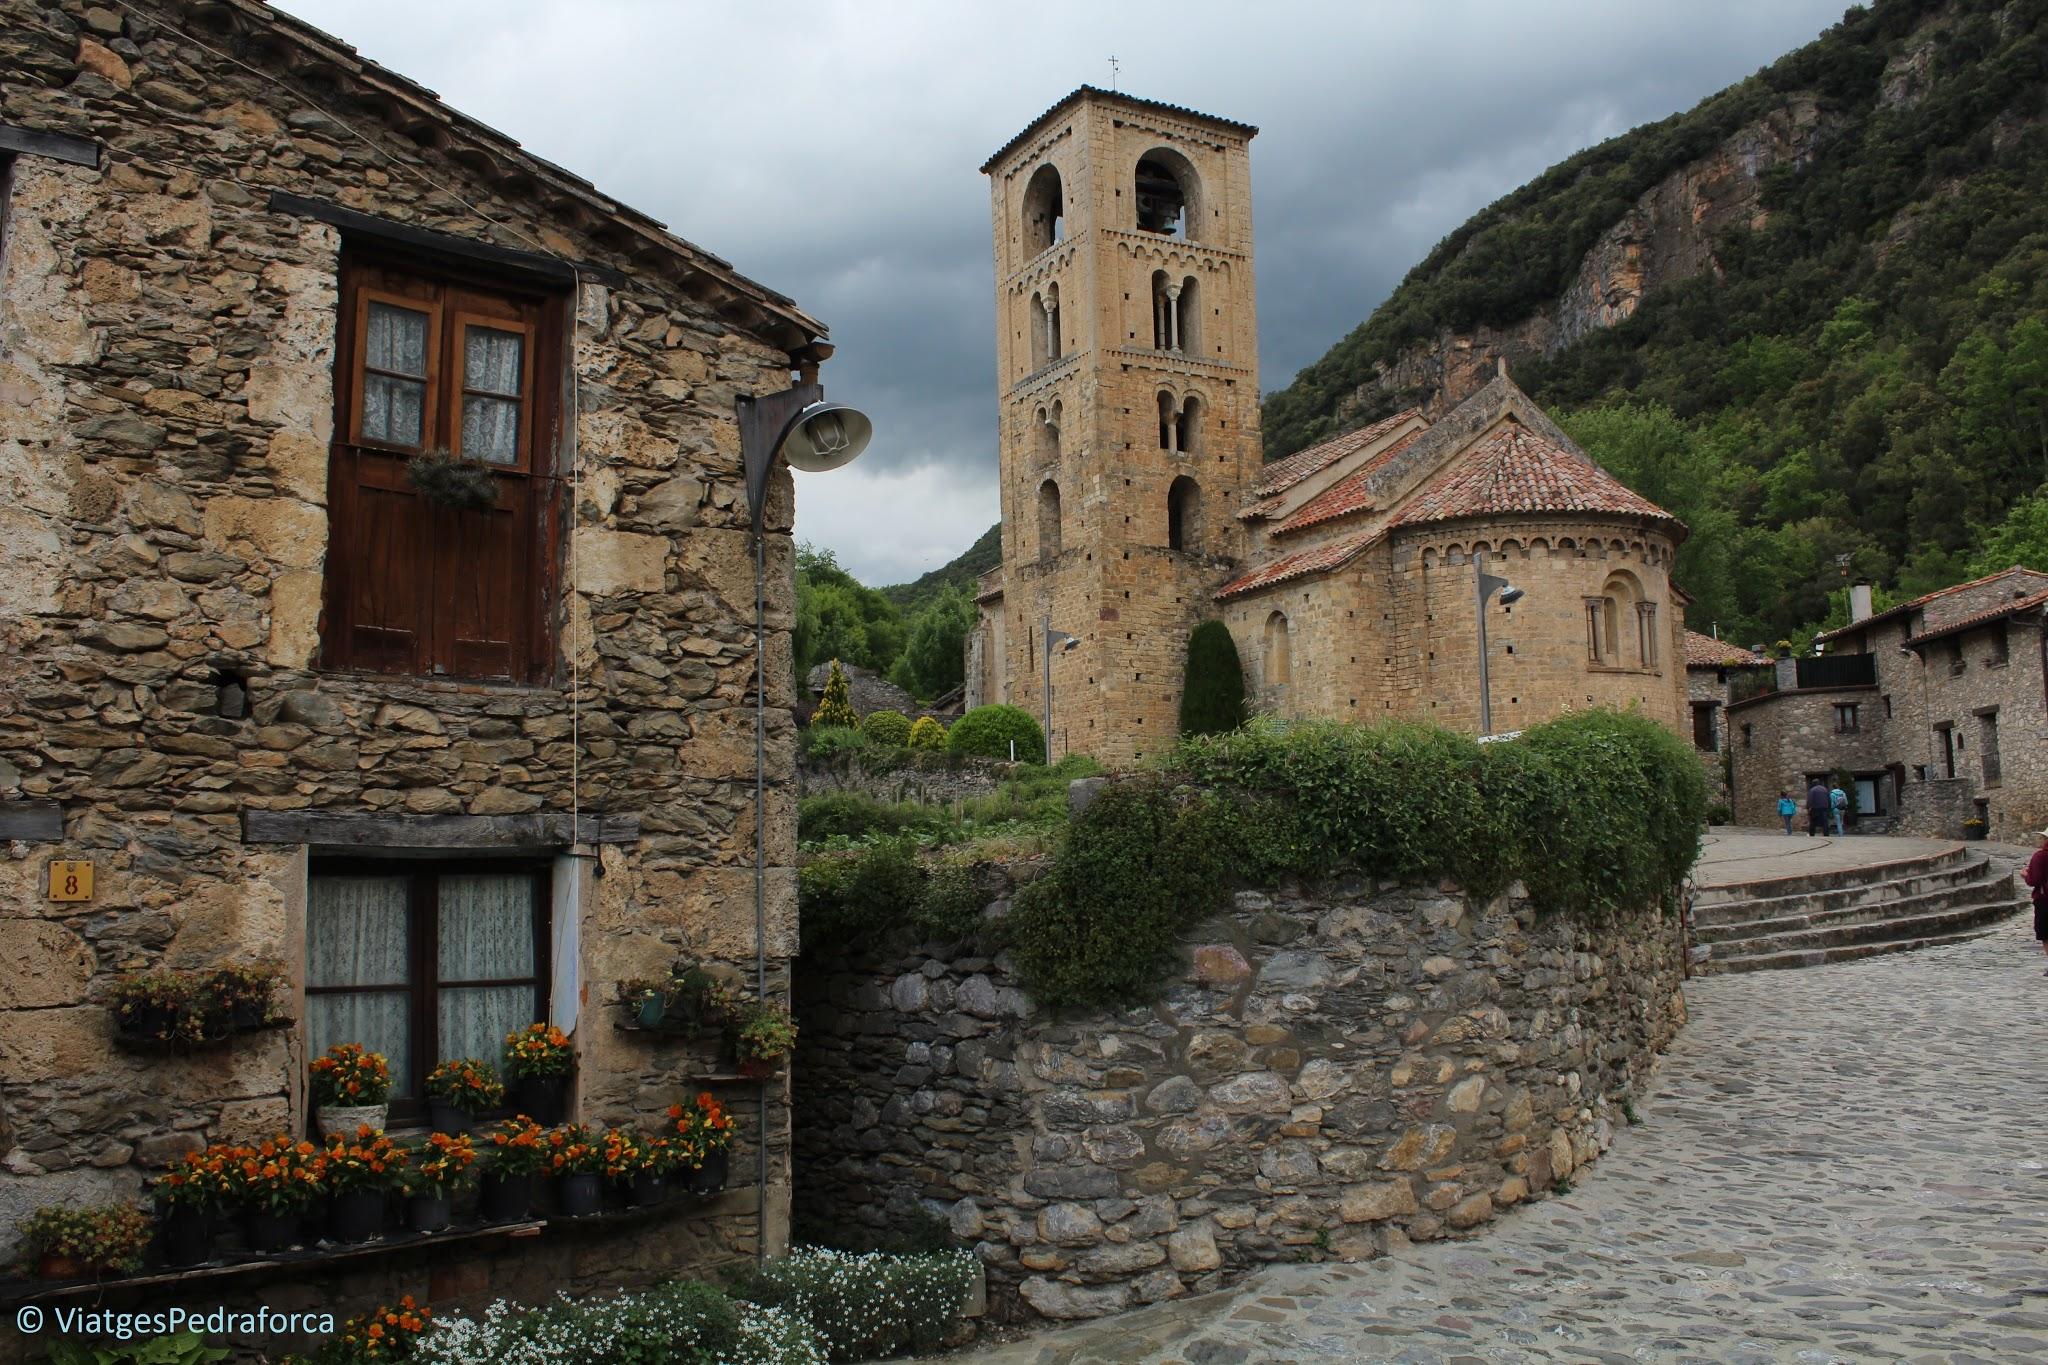 Els pobles més bonics de Catalunya, Alta Garrotxa, ruta senderista, Girona, Catalunya, art romànic